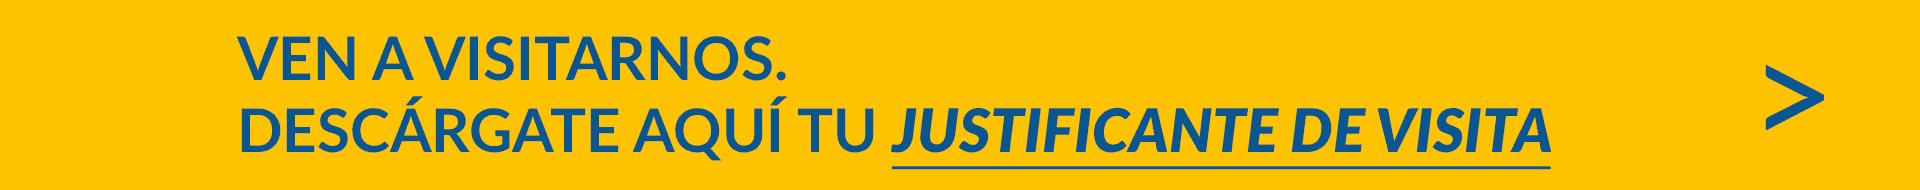 Banner justificante de visita